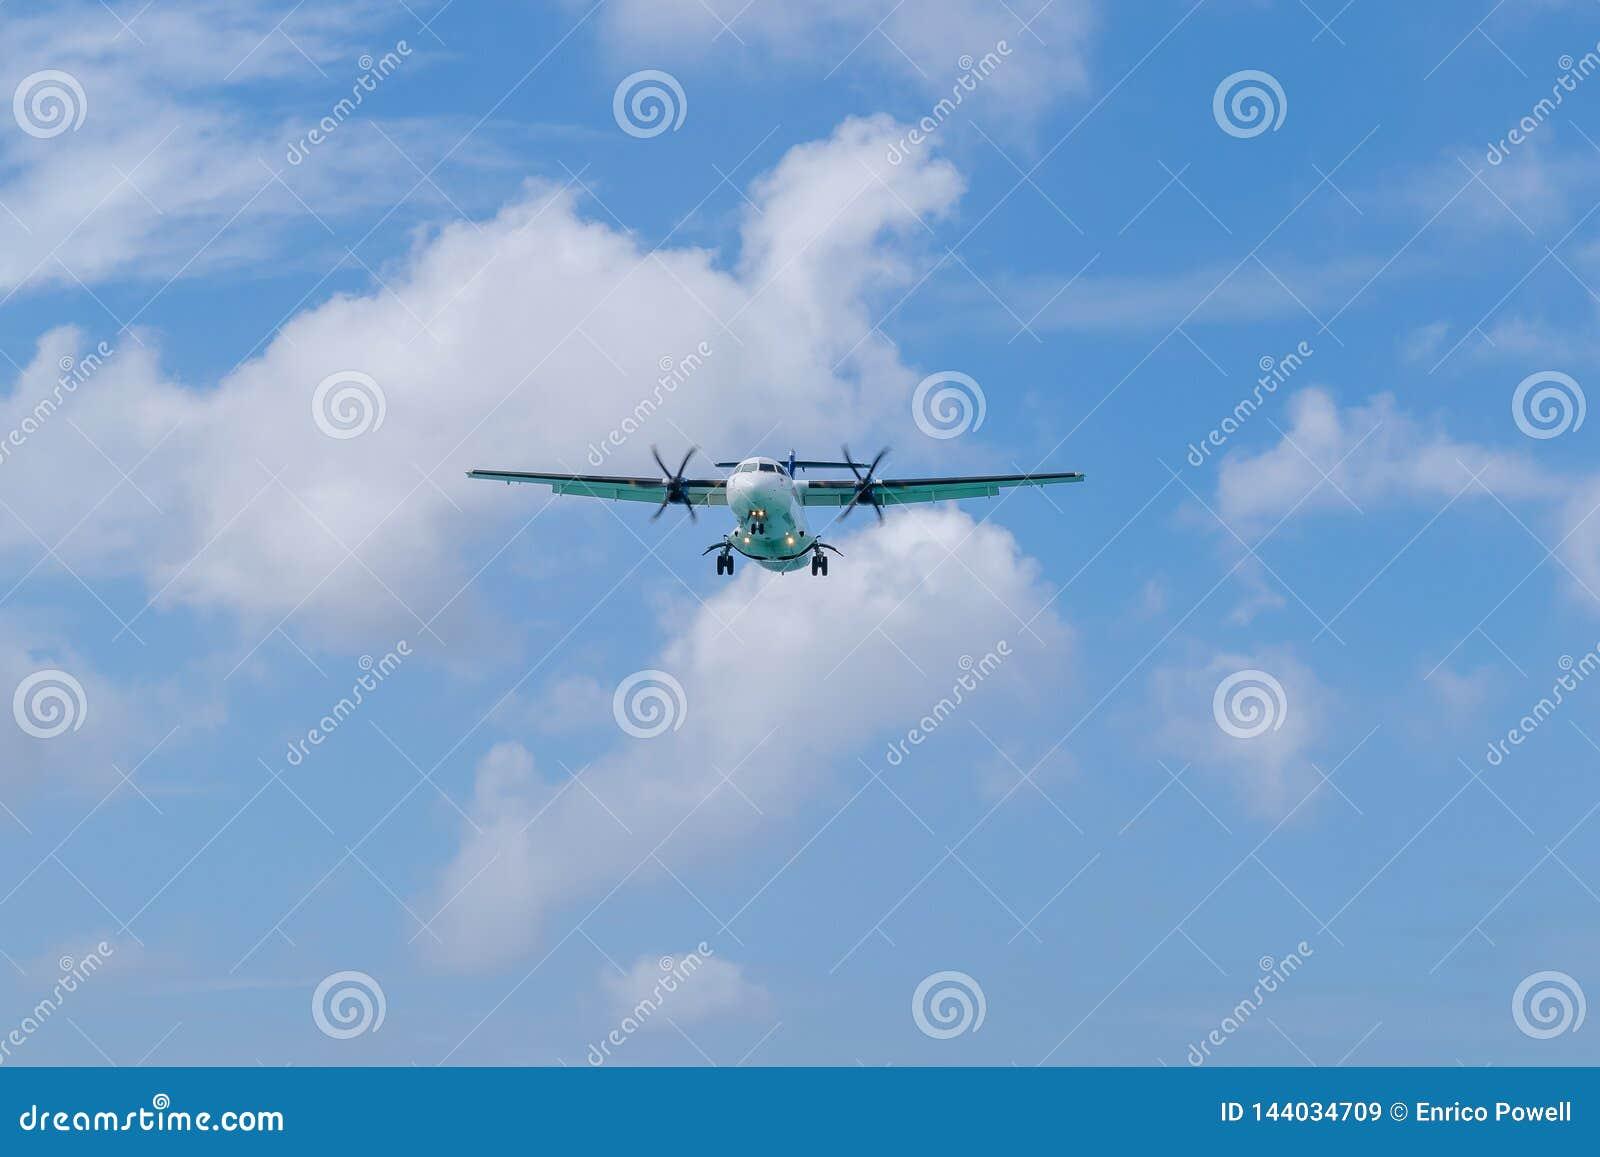 Τροφοδοτημένα Turboprop αεροσκάφη με τις ρόδες που προετοιμάζονται κάτω να προσγειωθεί